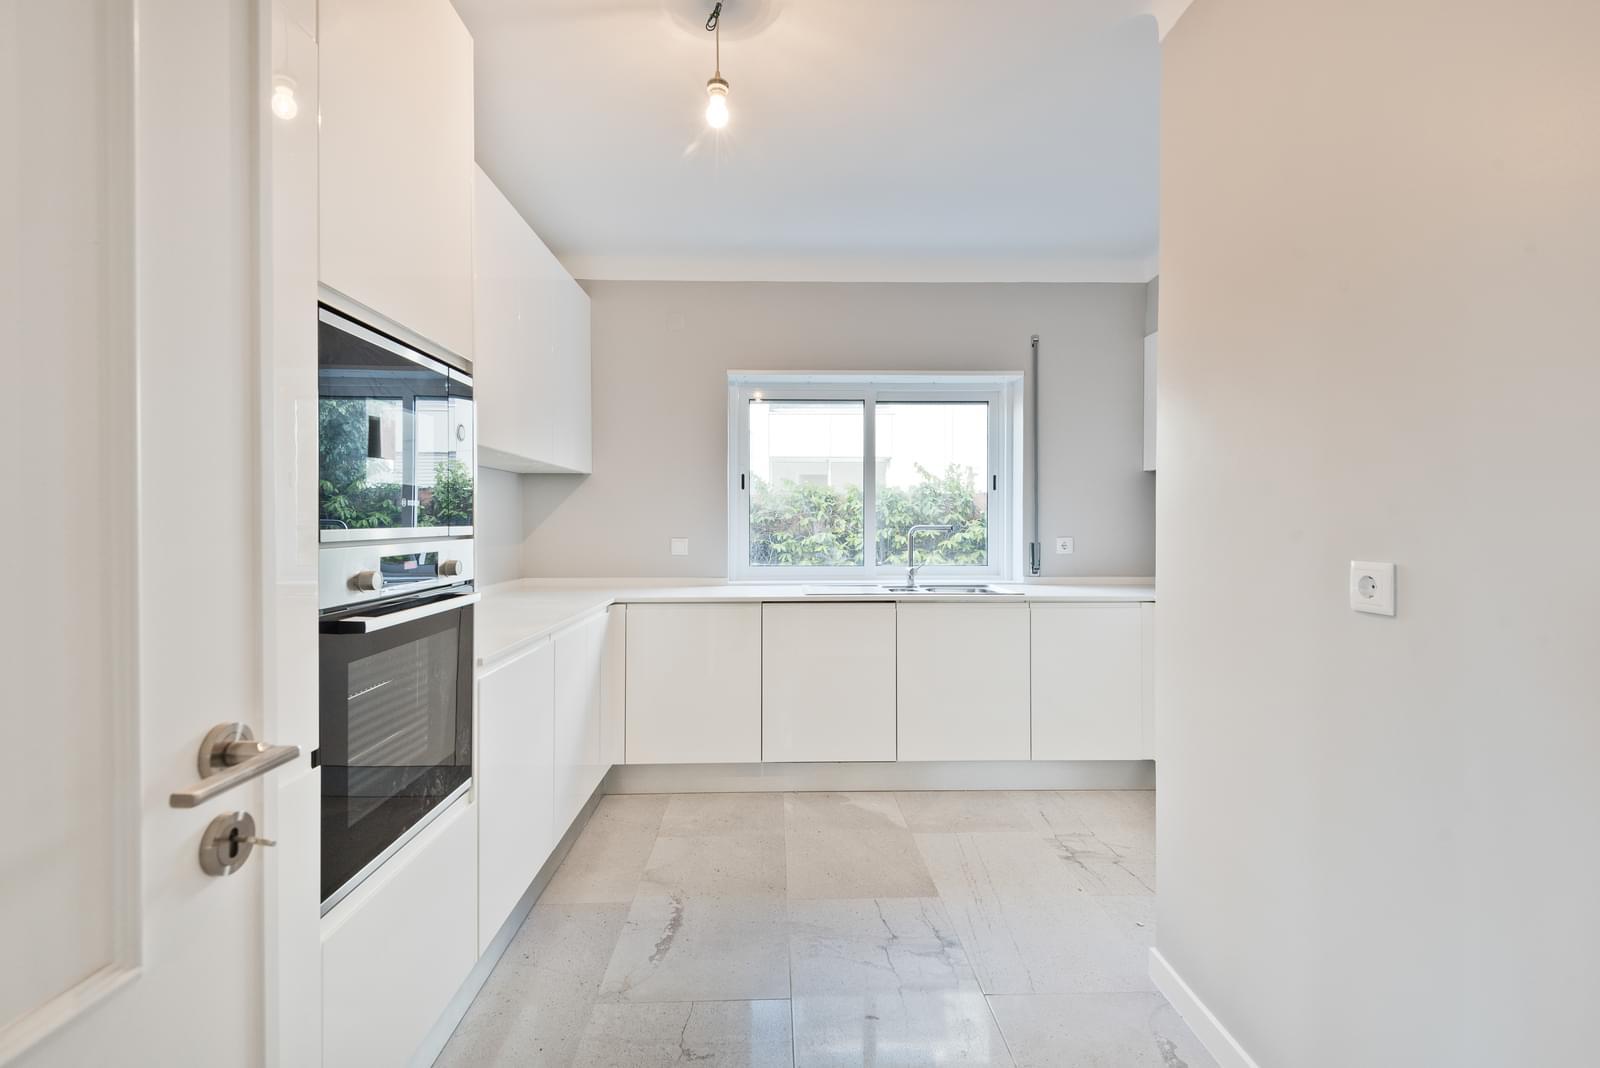 pf18907-apartamento-t2-cascais-3f57627d-c054-4bf6-9ba6-a2a395df1833